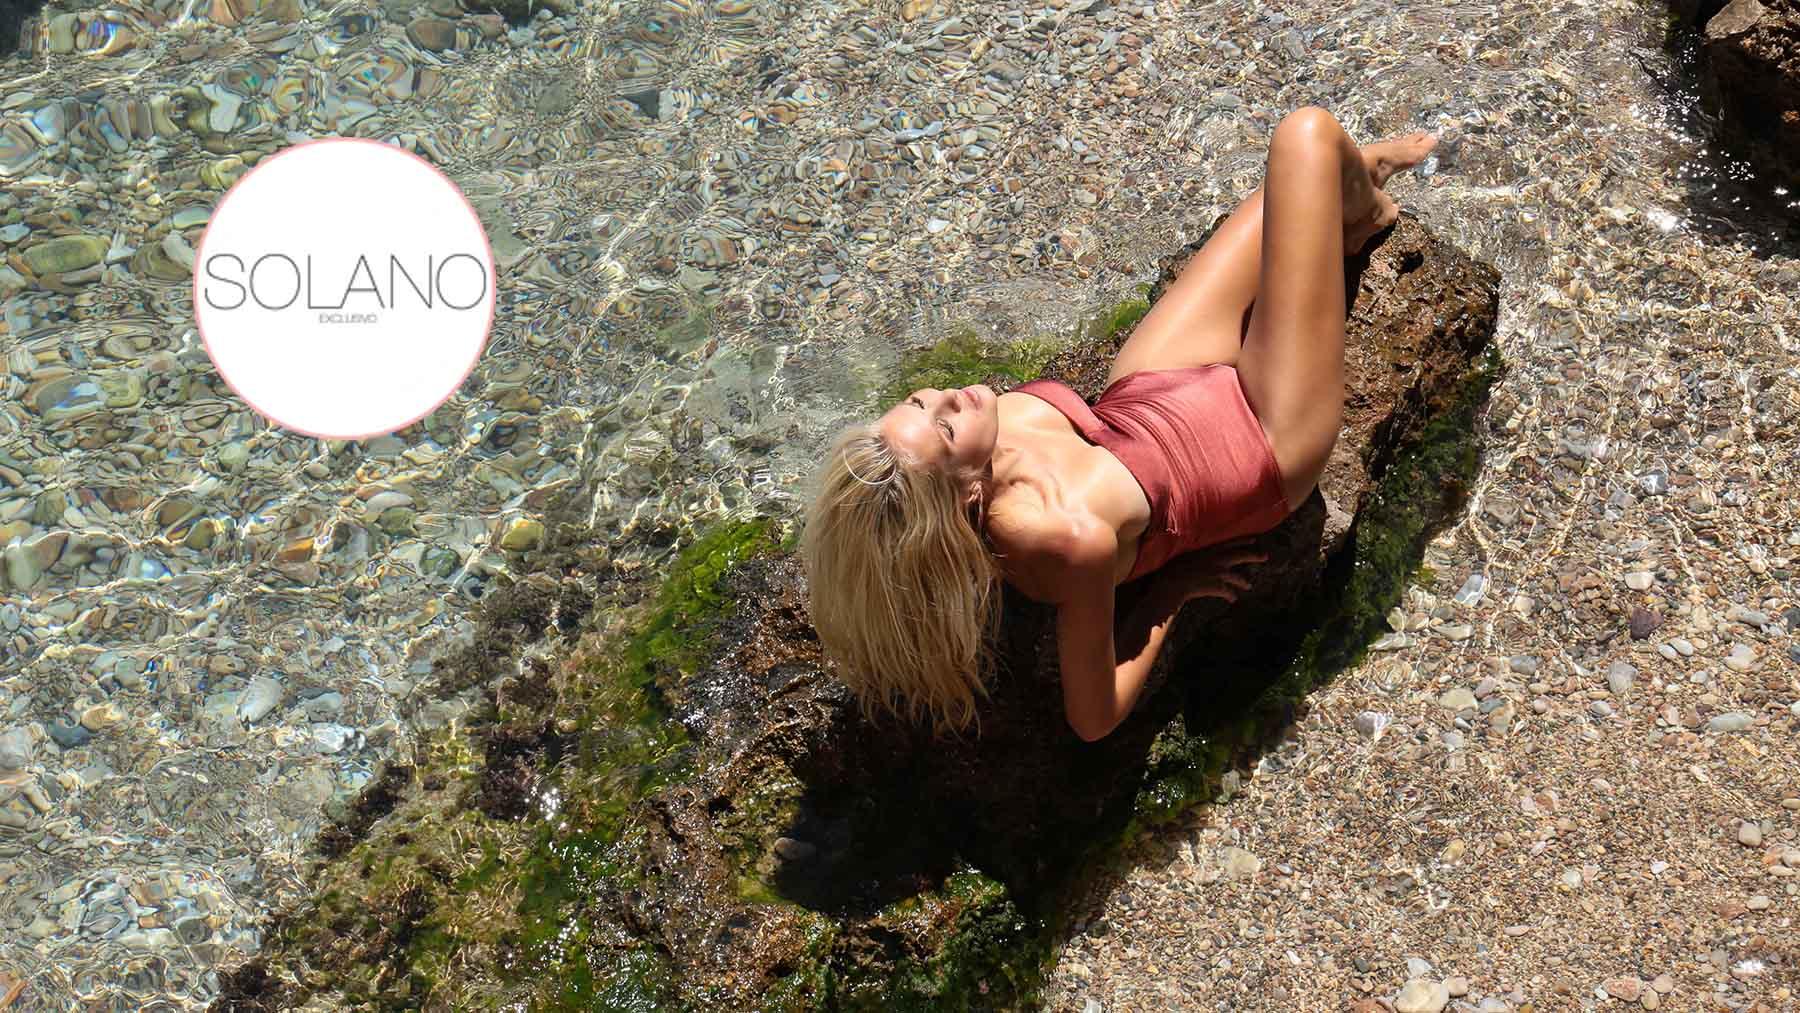 Solano Μαγιό και Beachwear